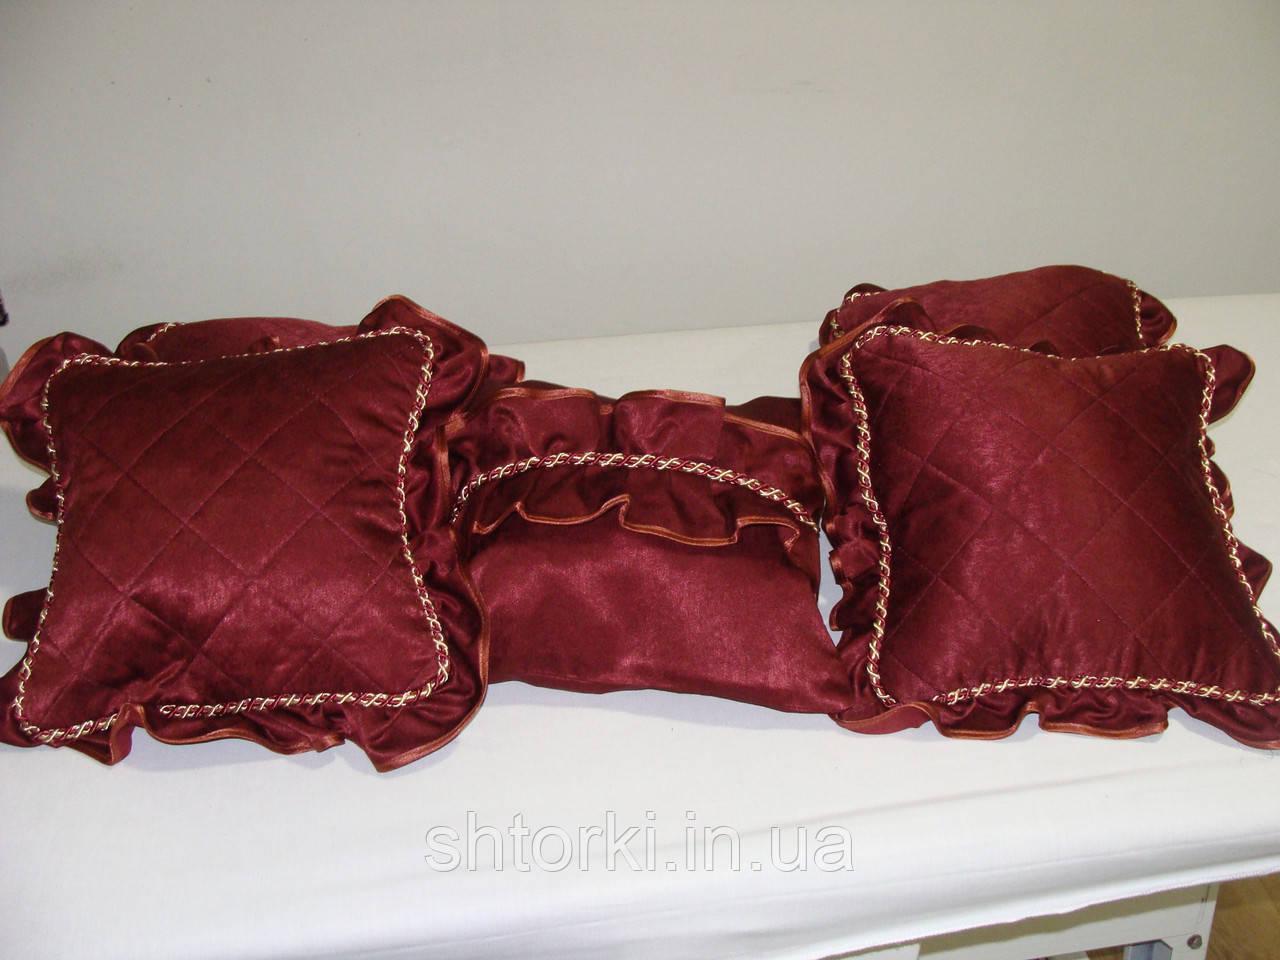 Комплект подушек  бордовые с шнуром, 5шт